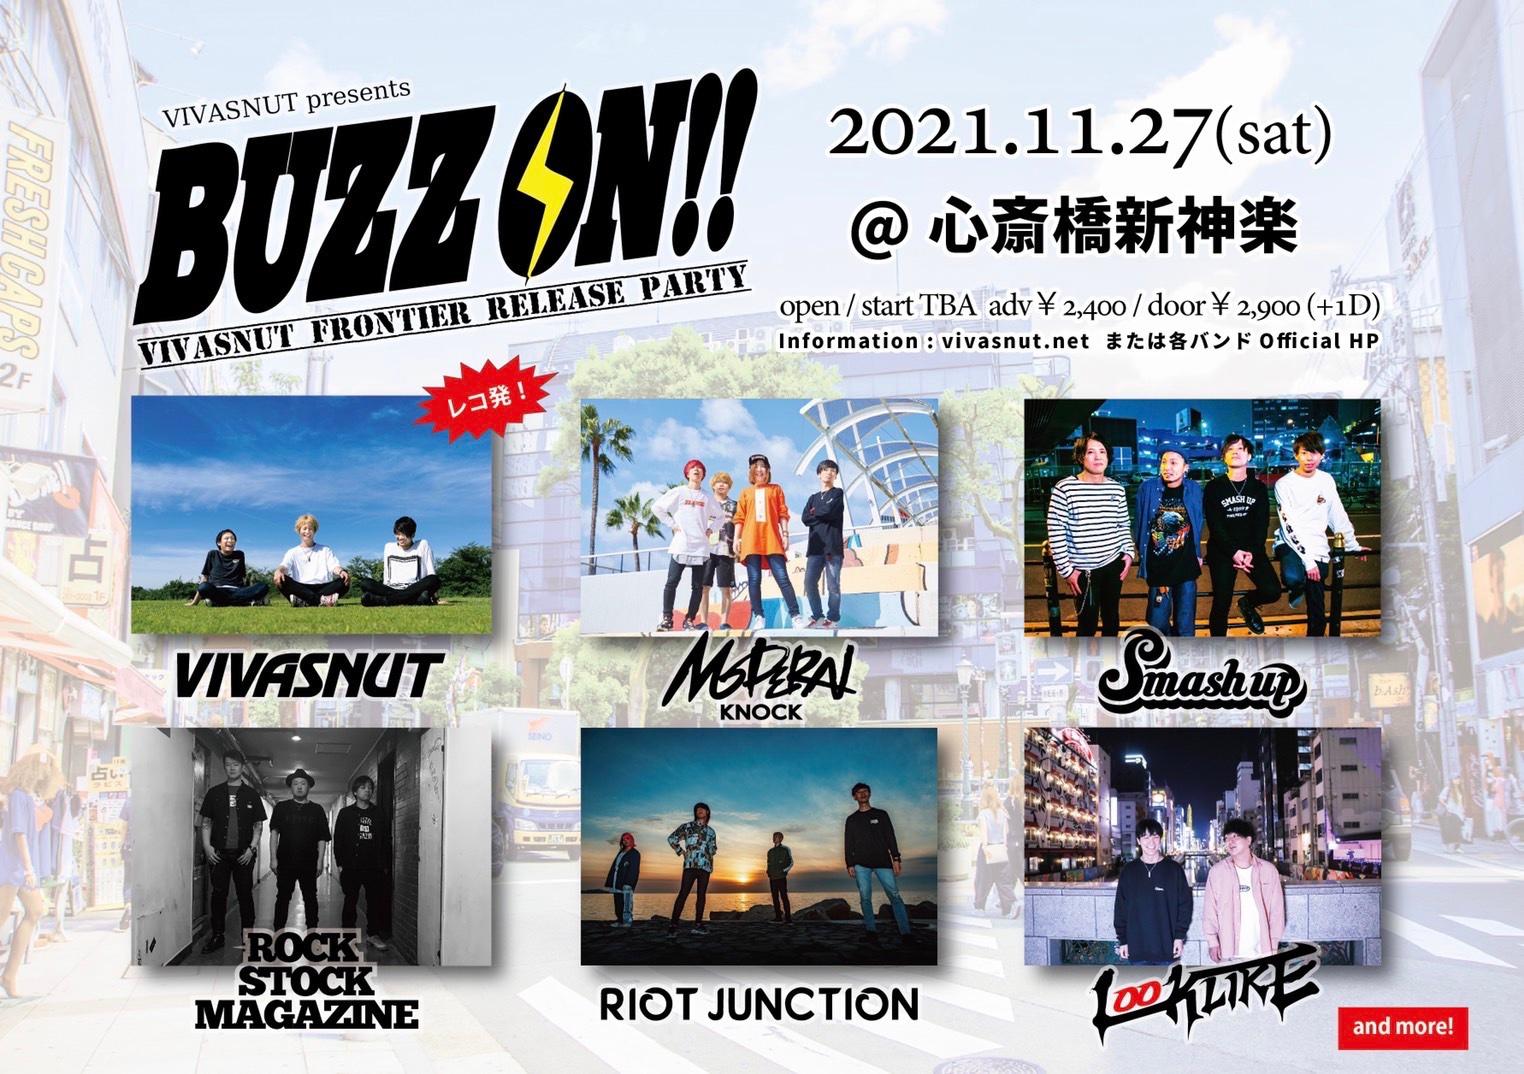 VIVASNUT presents『BUZZ ON!!』